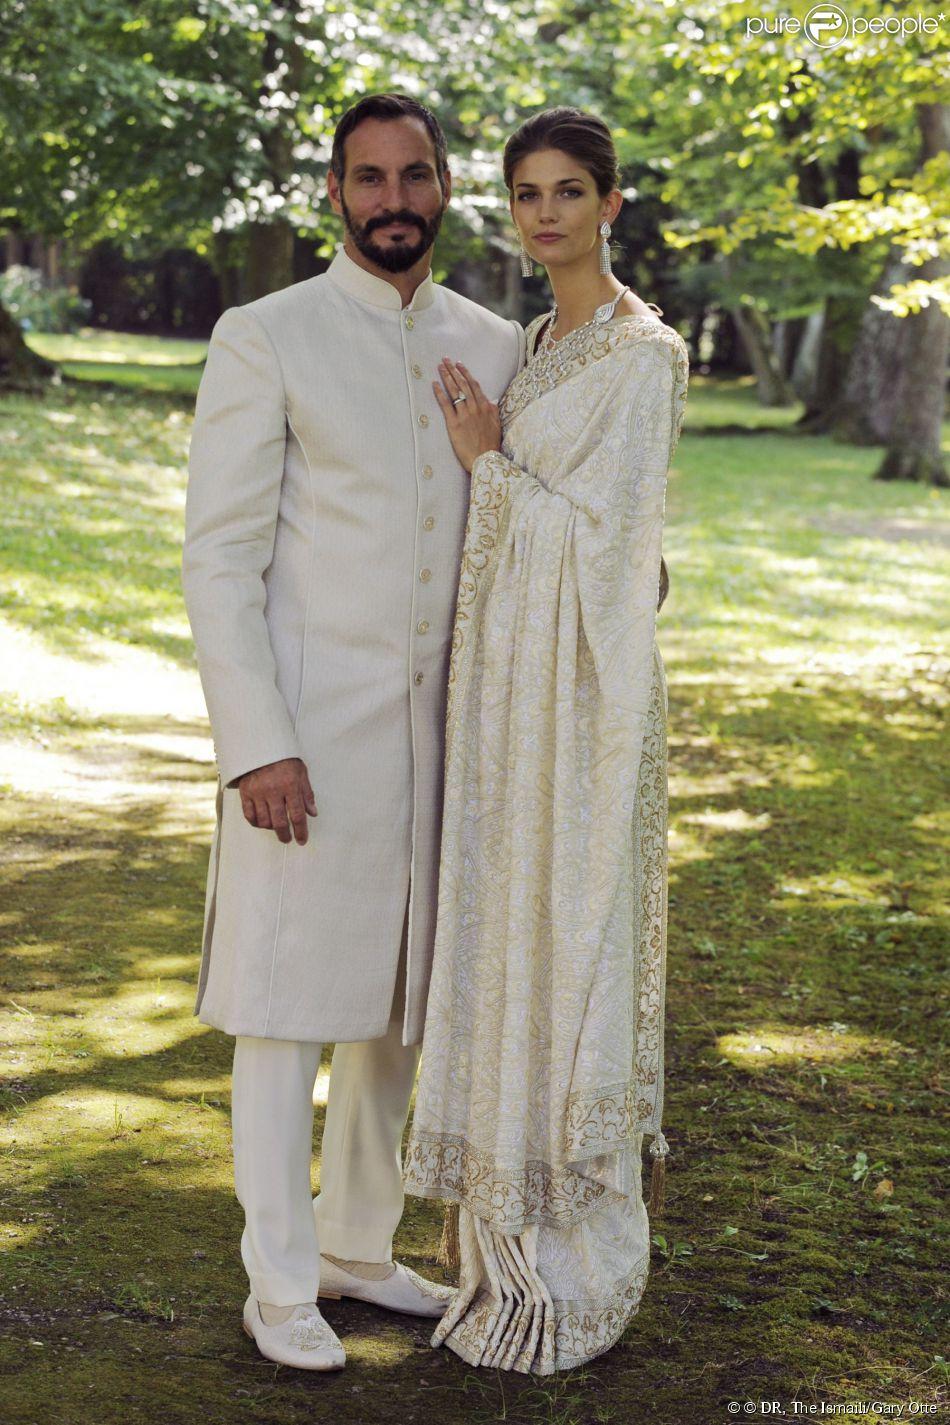 Portrait du prince Rahim Aga Khan et de Kendra Salwa Spears (princesse Salwa) à l'occasion de leur mariage célébré le 31 août 2013 au château de Bellerive, à Genève en Suisse.